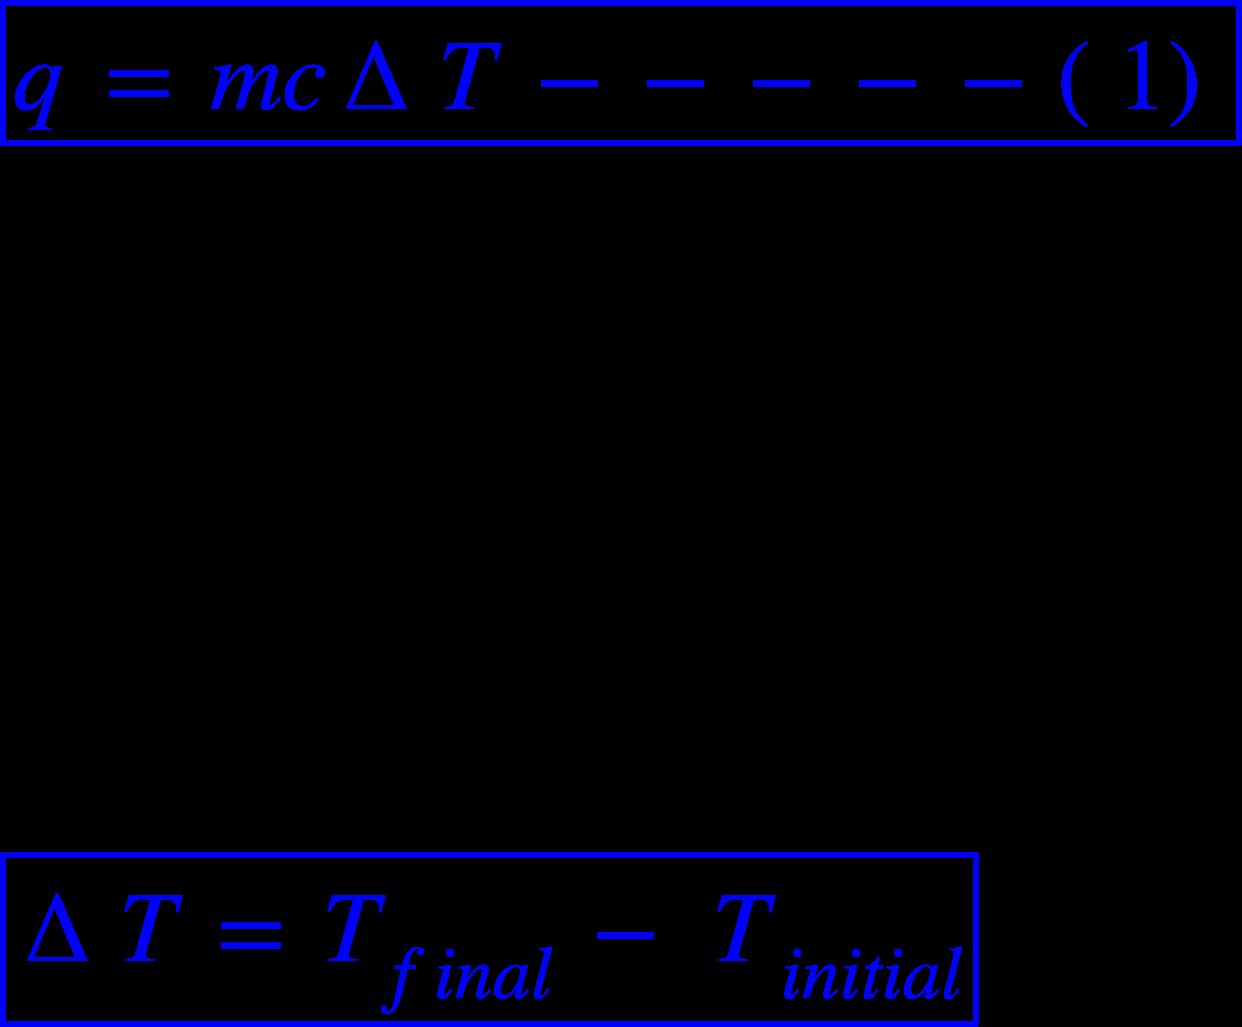 """<math xmlns=""""http://www.w3.org/1998/Math/MathML""""><menclose mathcolor=""""#0000FF"""" notation=""""box""""><mi>q</mi><mo>&#xA0;</mo><mo>=</mo><mo>&#xA0;</mo><mi>m</mi><mi>c</mi><mo>&#x2206;</mo><mi>T</mi><mo>&#xA0;</mo><mo>-</mo><mo>-</mo><mo>-</mo><mo>-</mo><mo>-</mo><mfenced><mn>1</mn></mfenced></menclose><mspace linebreak=""""newline""""></mspace><mi>W</mi><mi>h</mi><mi>e</mi><mi>r</mi><mi>e</mi><mo>,</mo><mspace linebreak=""""newline""""></mspace><mi>m</mi><mo>&#xA0;</mo><mo>=</mo><mo>&#xA0;</mo><mi>m</mi><mi>a</mi><mi>s</mi><mi>s</mi><mo>&#xA0;</mo><mi>o</mi><mi>f</mi><mo>&#xA0;</mo><mi>s</mi><mi>u</mi><mi>b</mi><mi>s</mi><mi>t</mi><mi>a</mi><mi>n</mi><mi>c</mi><mi>e</mi><mspace linebreak=""""newline""""></mspace><mi>c</mi><mo>&#xA0;</mo><mo>=</mo><mo>&#xA0;</mo><mi>s</mi><mi>p</mi><mi>e</mi><mi>c</mi><mi>i</mi><mi>f</mi><mi>i</mi><mi>c</mi><mo>&#xA0;</mo><mi>h</mi><mi>e</mi><mi>a</mi><mi>t</mi><mspace linebreak=""""newline""""></mspace><mo>&#x2206;</mo><mi>T</mi><mo>&#xA0;</mo><mo>=</mo><mo>&#xA0;</mo><mi>c</mi><mi>h</mi><mi>a</mi><mi>n</mi><mi>g</mi><mi>e</mi><mo>&#xA0;</mo><mi>i</mi><mi>n</mi><mo>&#xA0;</mo><mi>t</mi><mi>e</mi><mi>m</mi><mi>p</mi><mi>e</mi><mi>r</mi><mi>a</mi><mi>t</mi><mi>u</mi><mi>r</mi><mi>e</mi><mspace linebreak=""""newline""""></mspace><menclose mathcolor=""""#0000FF"""" notation=""""box""""><mo>&#x2206;</mo><mi>T</mi><mo>&#xA0;</mo><mo>=</mo><mo>&#xA0;</mo><msub><mi>T</mi><mrow><mi>f</mi><mi>i</mi><mi>n</mi><mi>a</mi><mi>l</mi></mrow></msub><mo>&#xA0;</mo><mo>-</mo><mo>&#xA0;</mo><msub><mi>T</mi><mrow><mi>i</mi><mi>n</mi><mi>i</mi><mi>t</mi><mi>i</mi><mi>a</mi><mi>l</mi></mrow></msub></menclose></math>"""